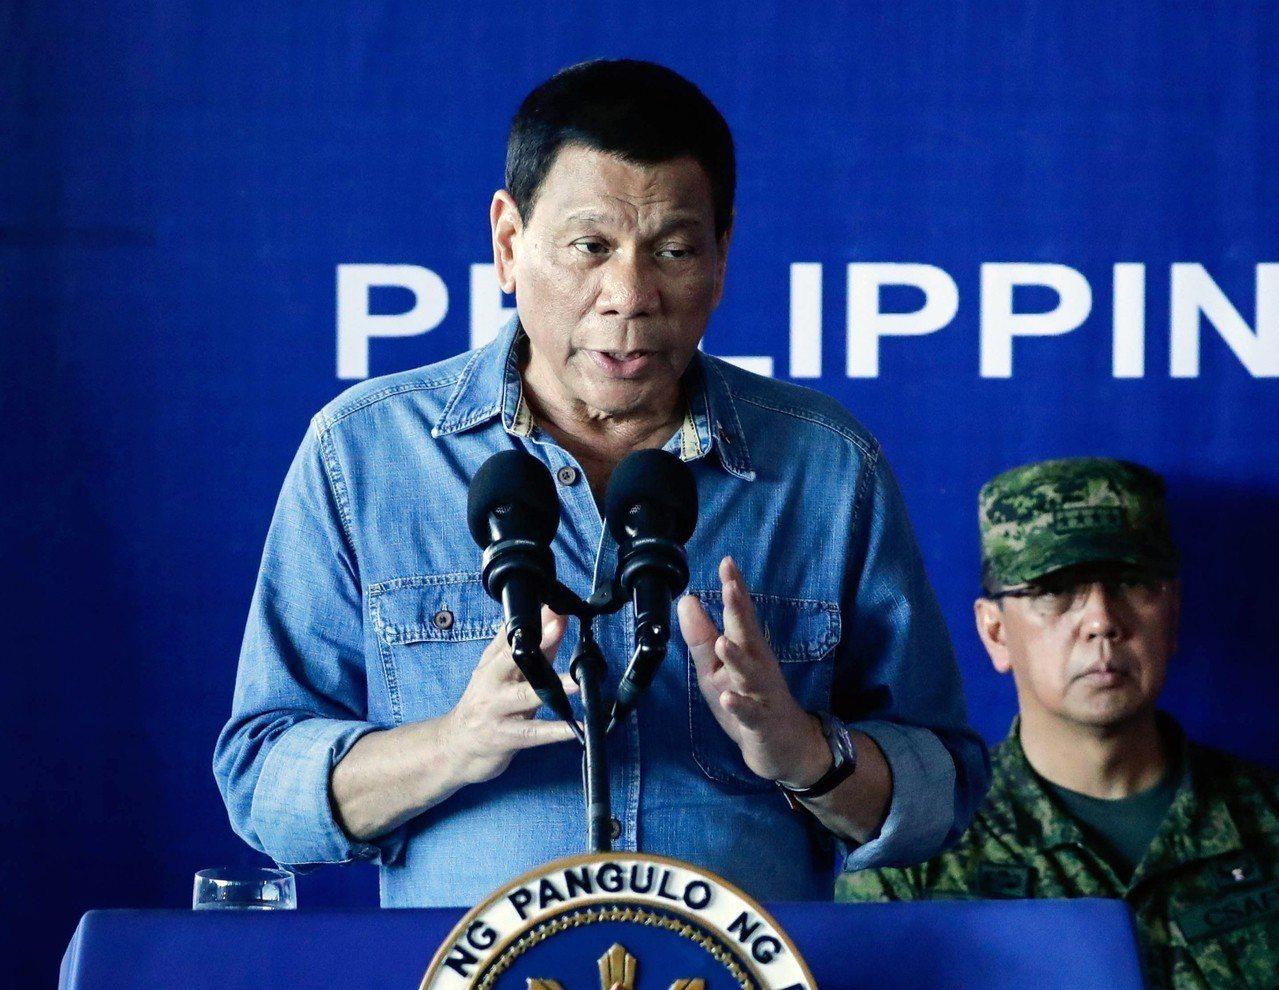 菲律賓總統杜特蒂(Rodrigo Duterte)。 歐新社